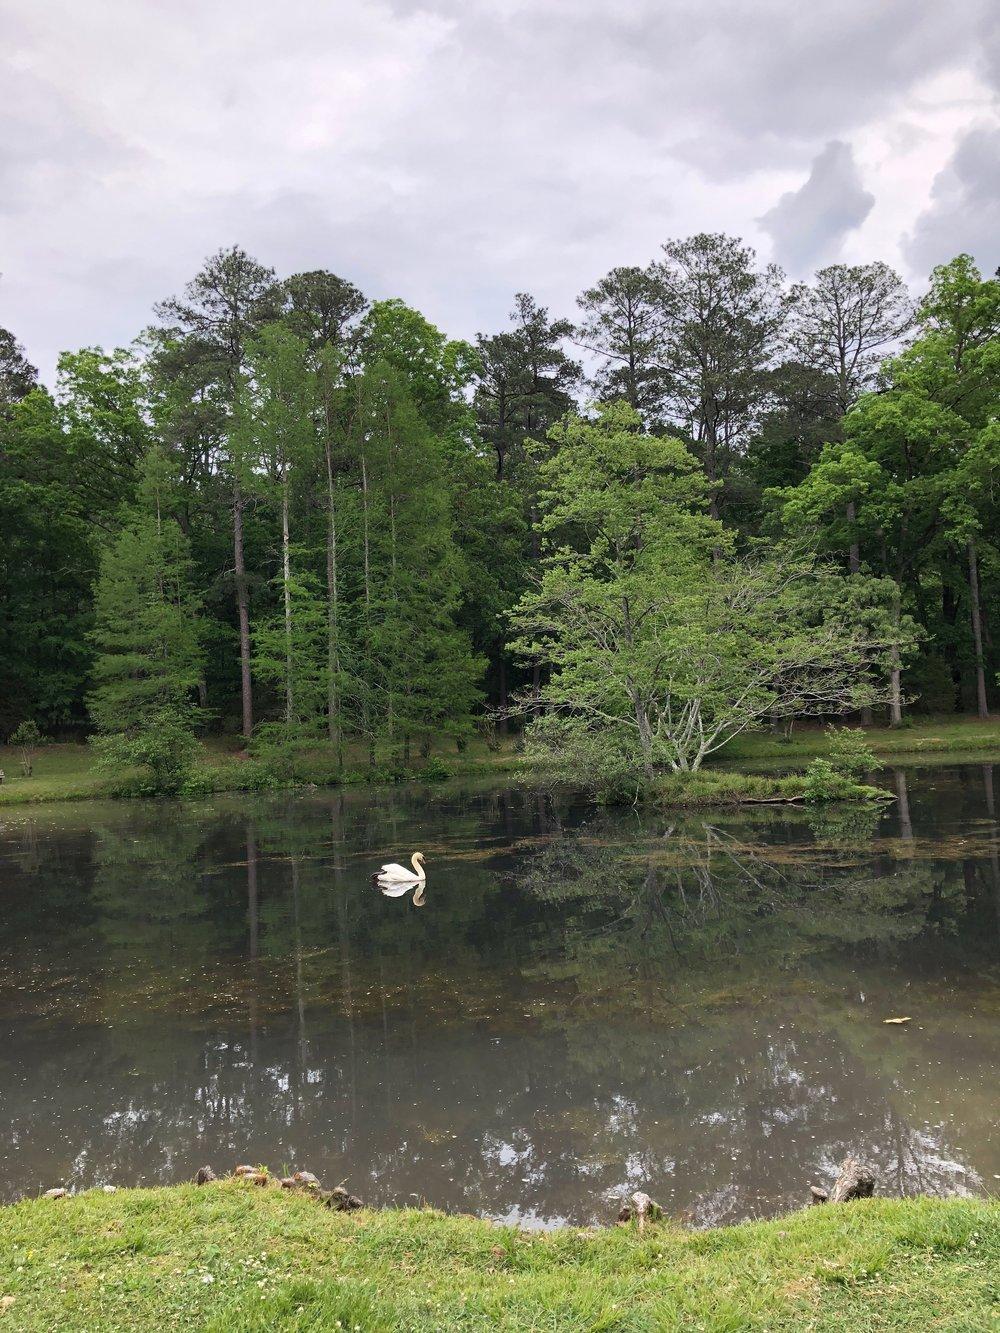 swan-on-lake.jpeg